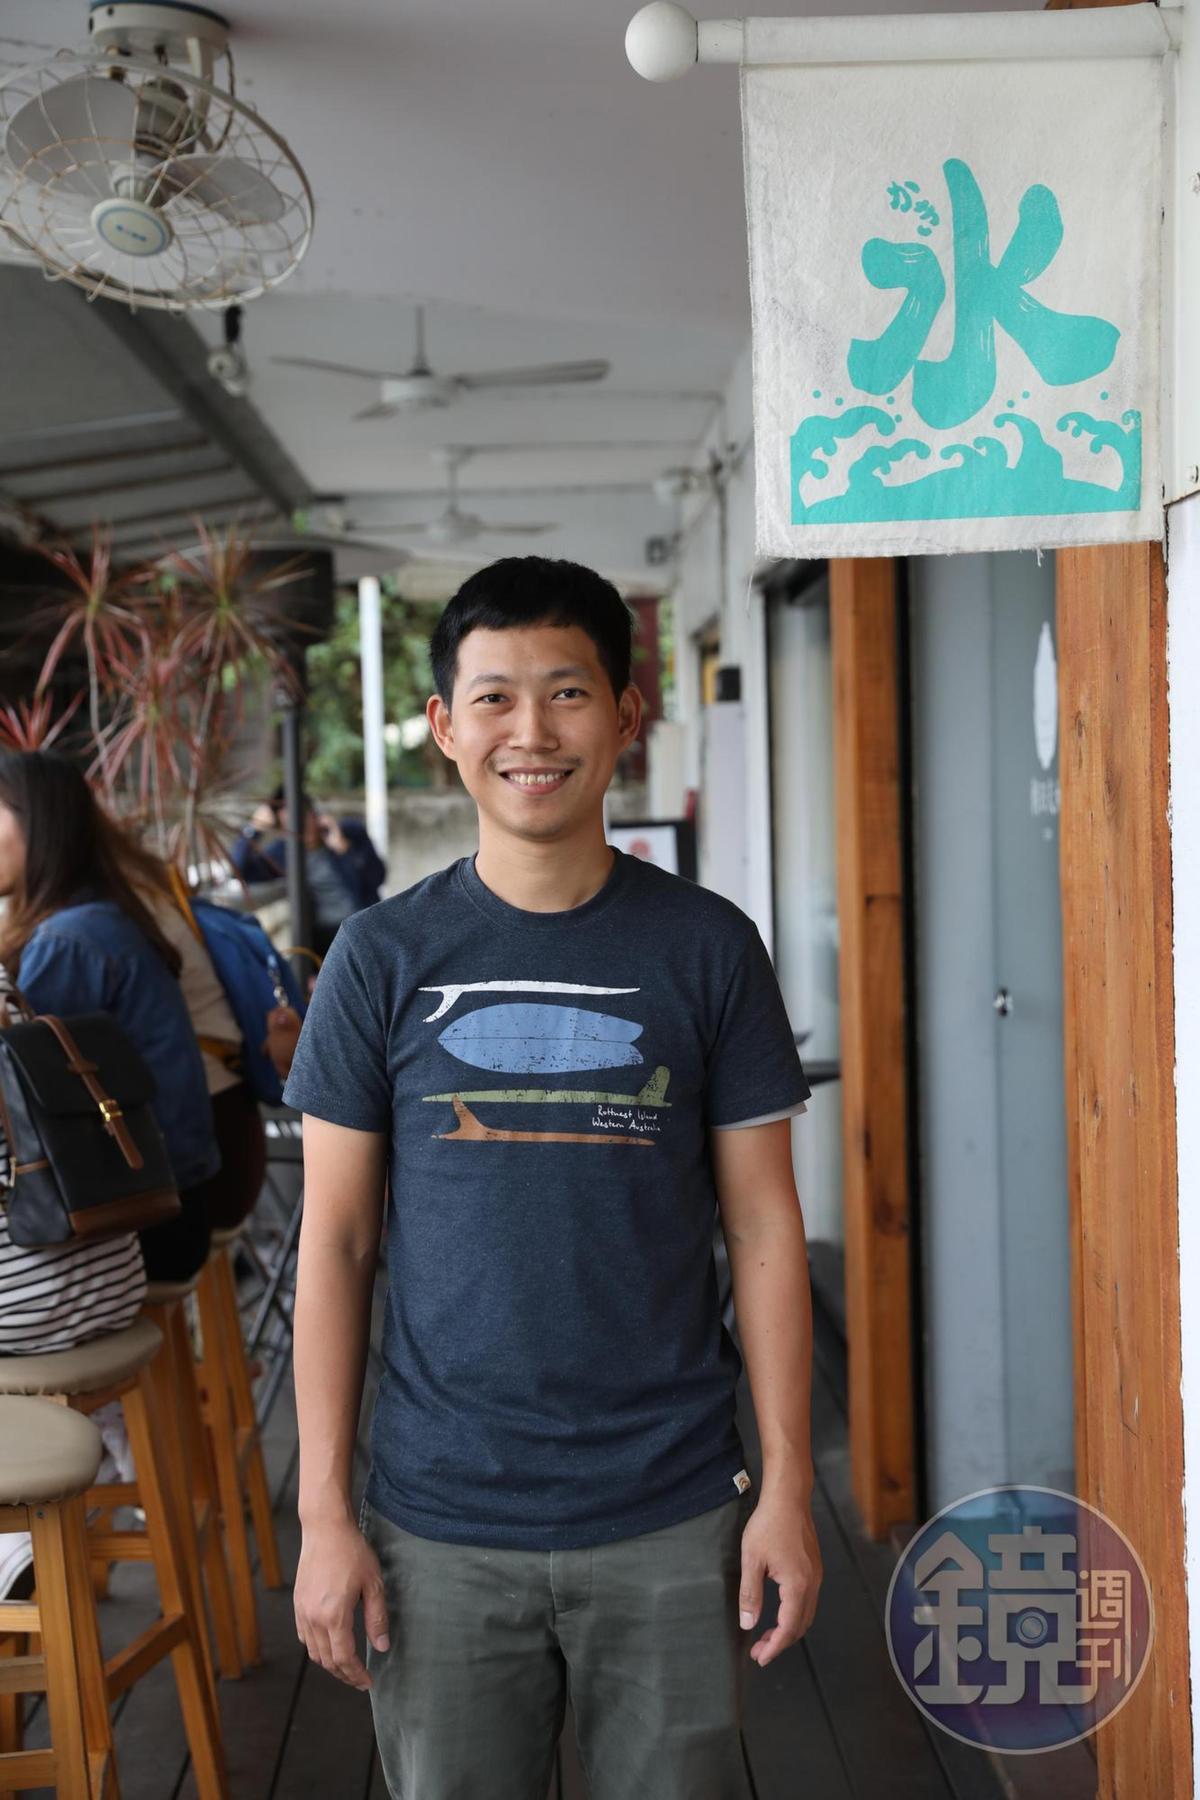 「朝日夫婦」店長蘇威宇,之前在沖繩擔任潛水教練。